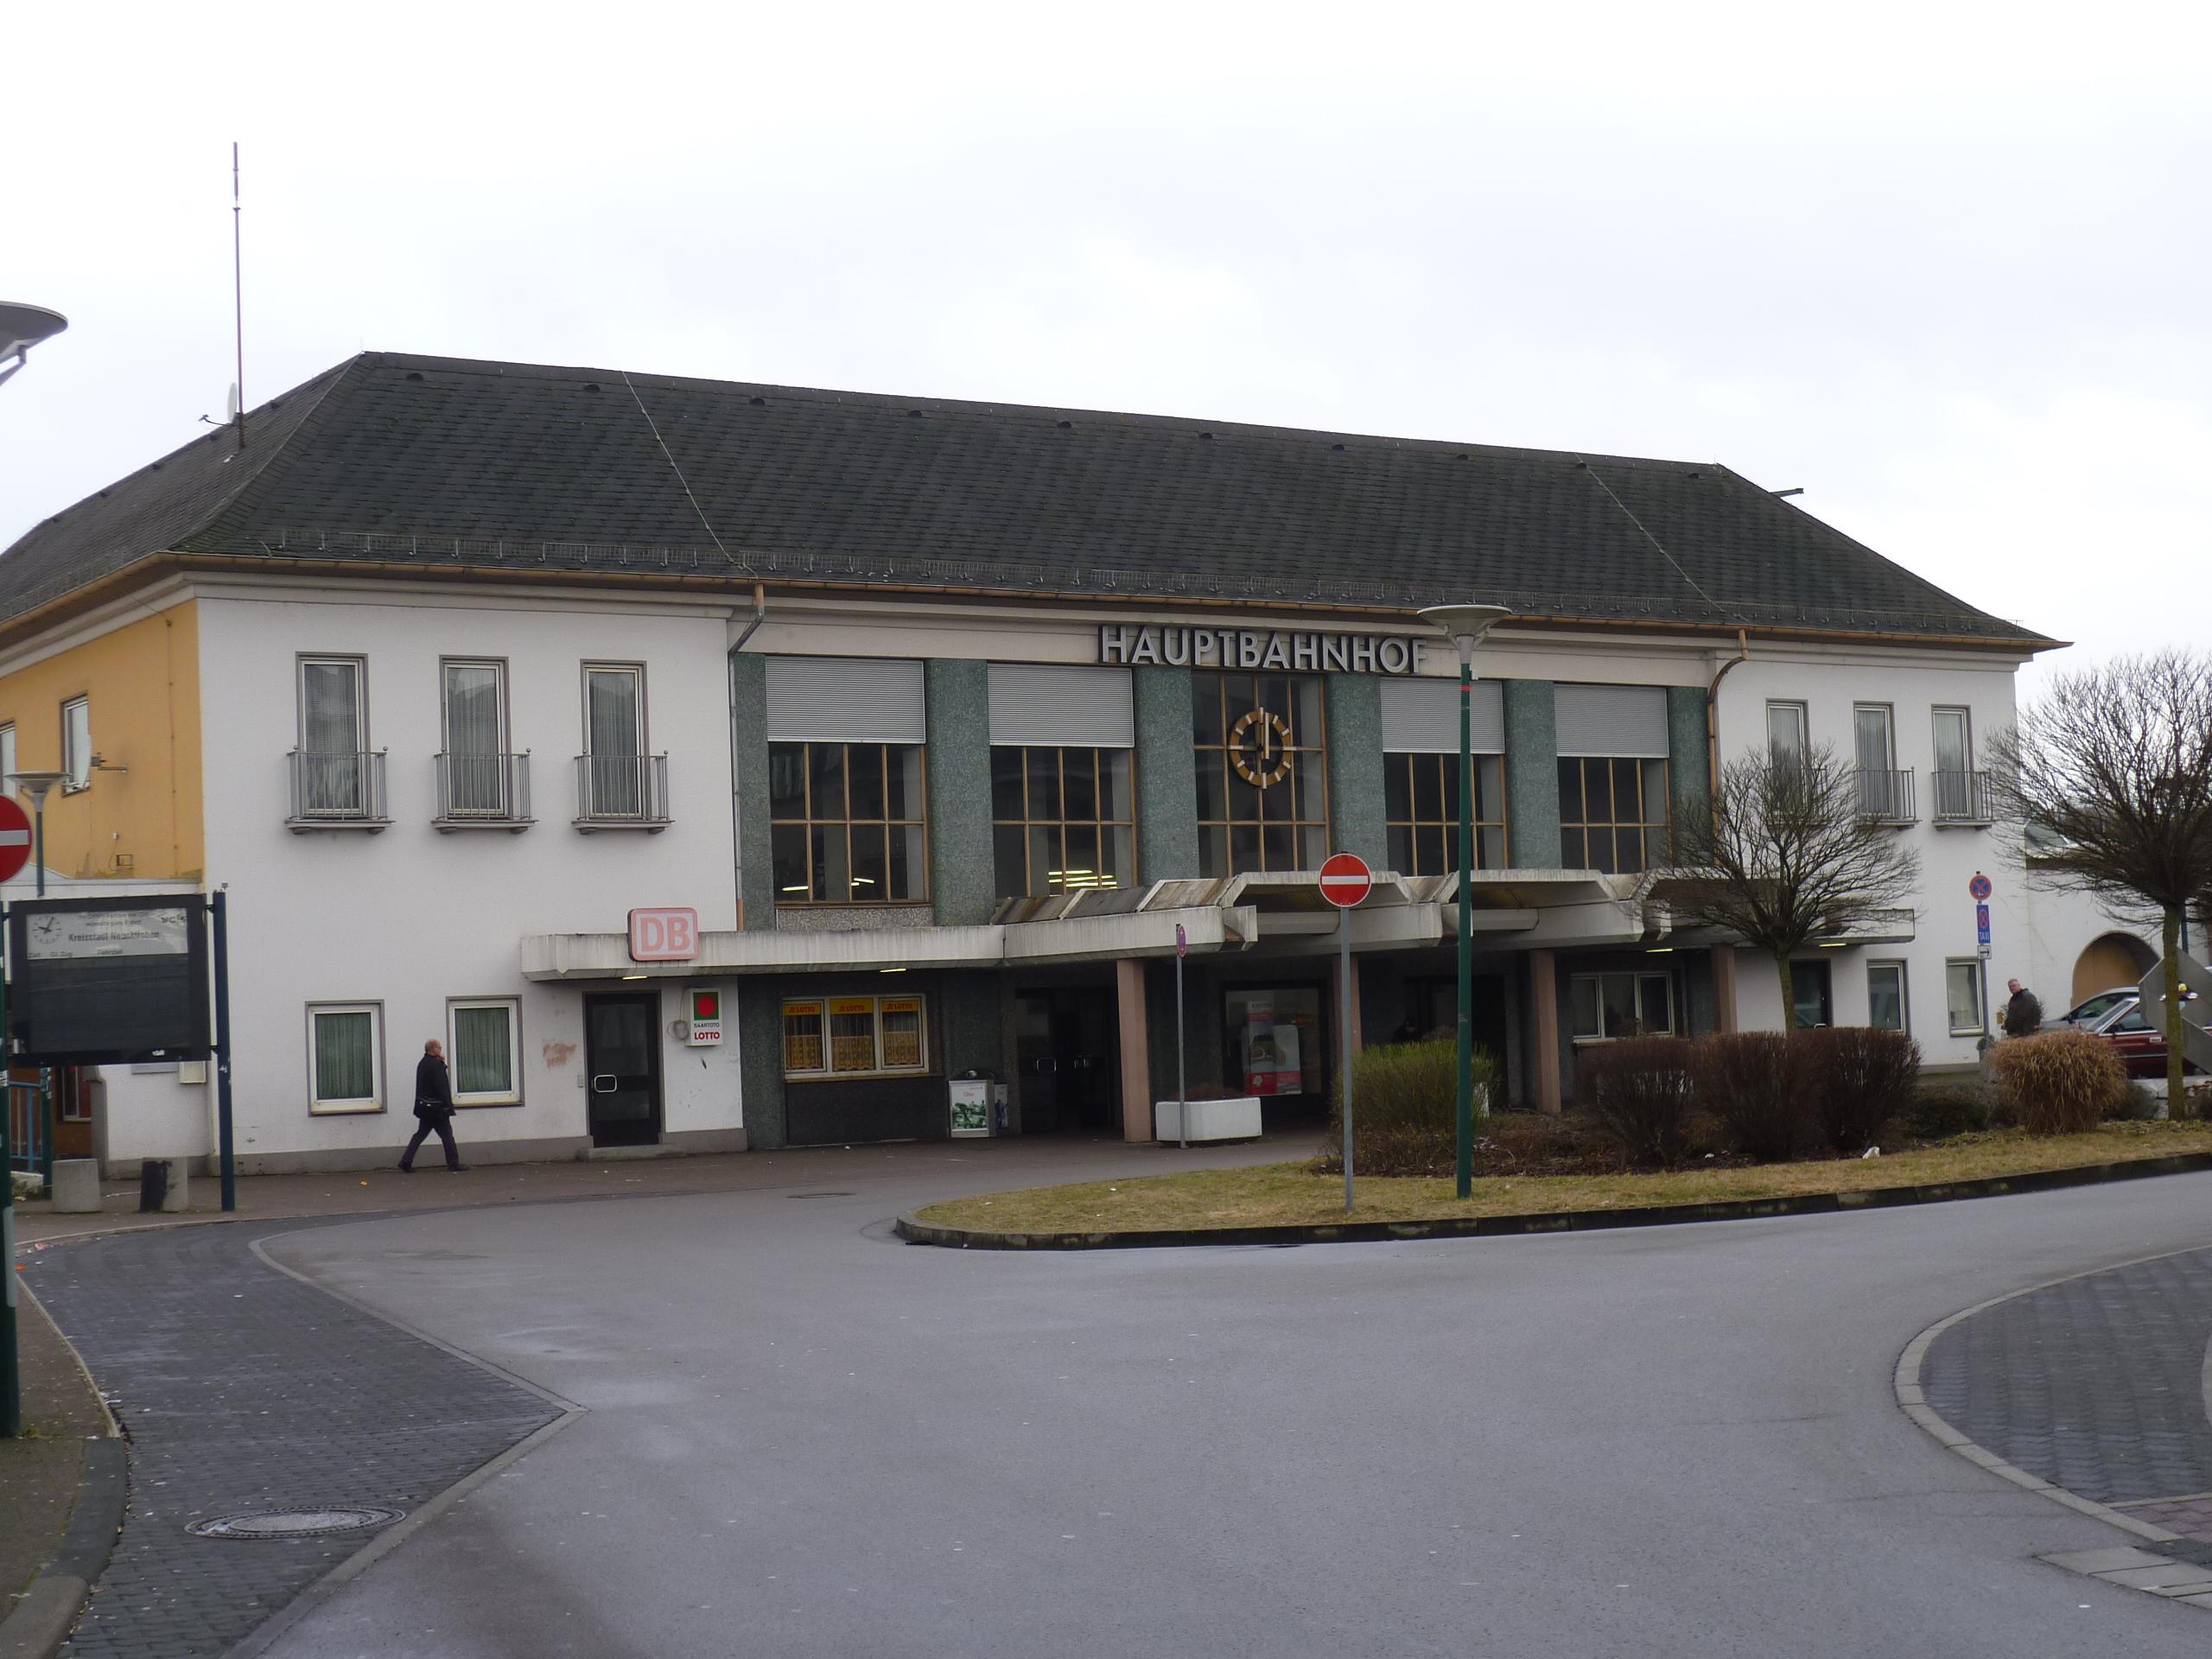 Neunkirchen (Saar) Hauptbahnhof | Mapio.net